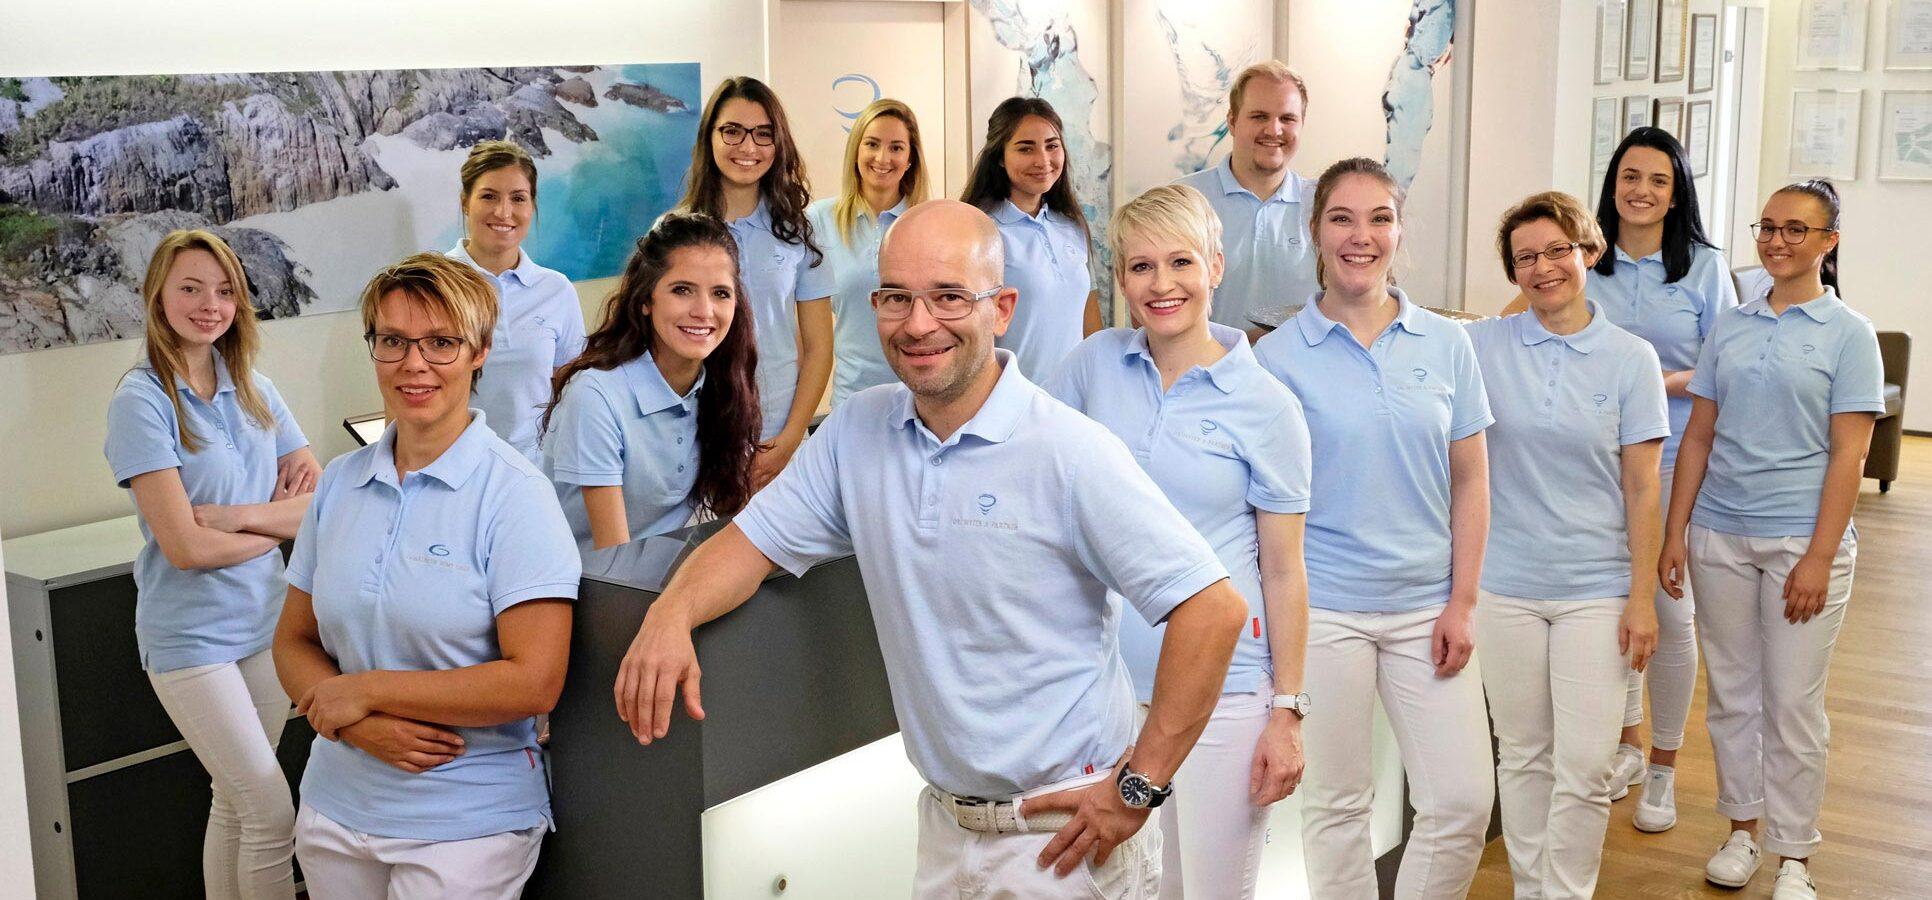 team-praxis-dr-wytek-und-partner